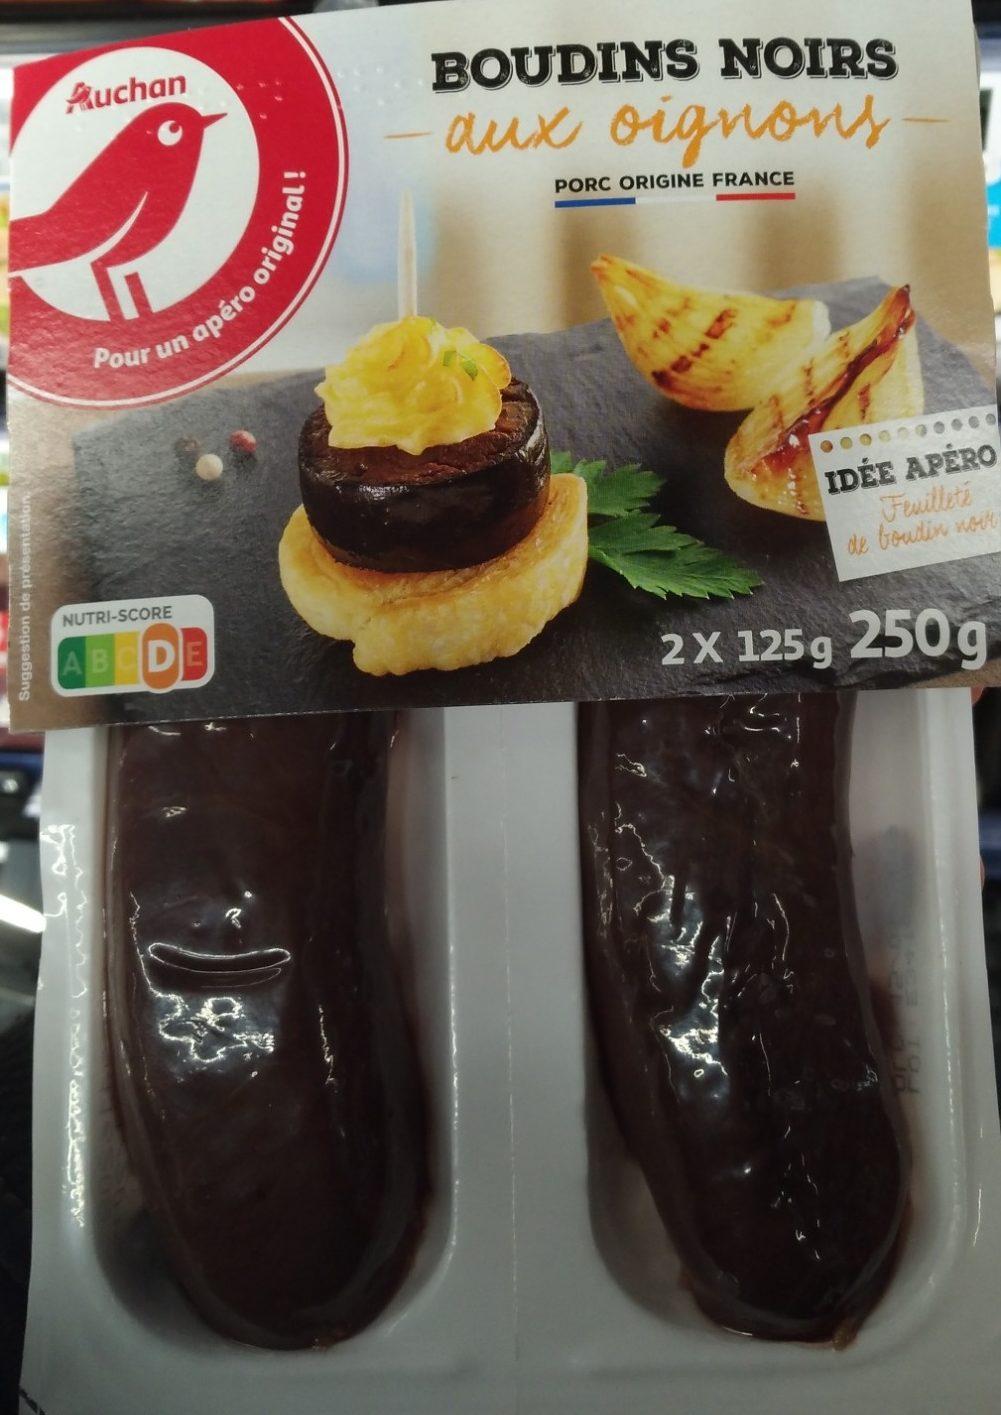 Boudins noirs aux oignons - Produit - fr